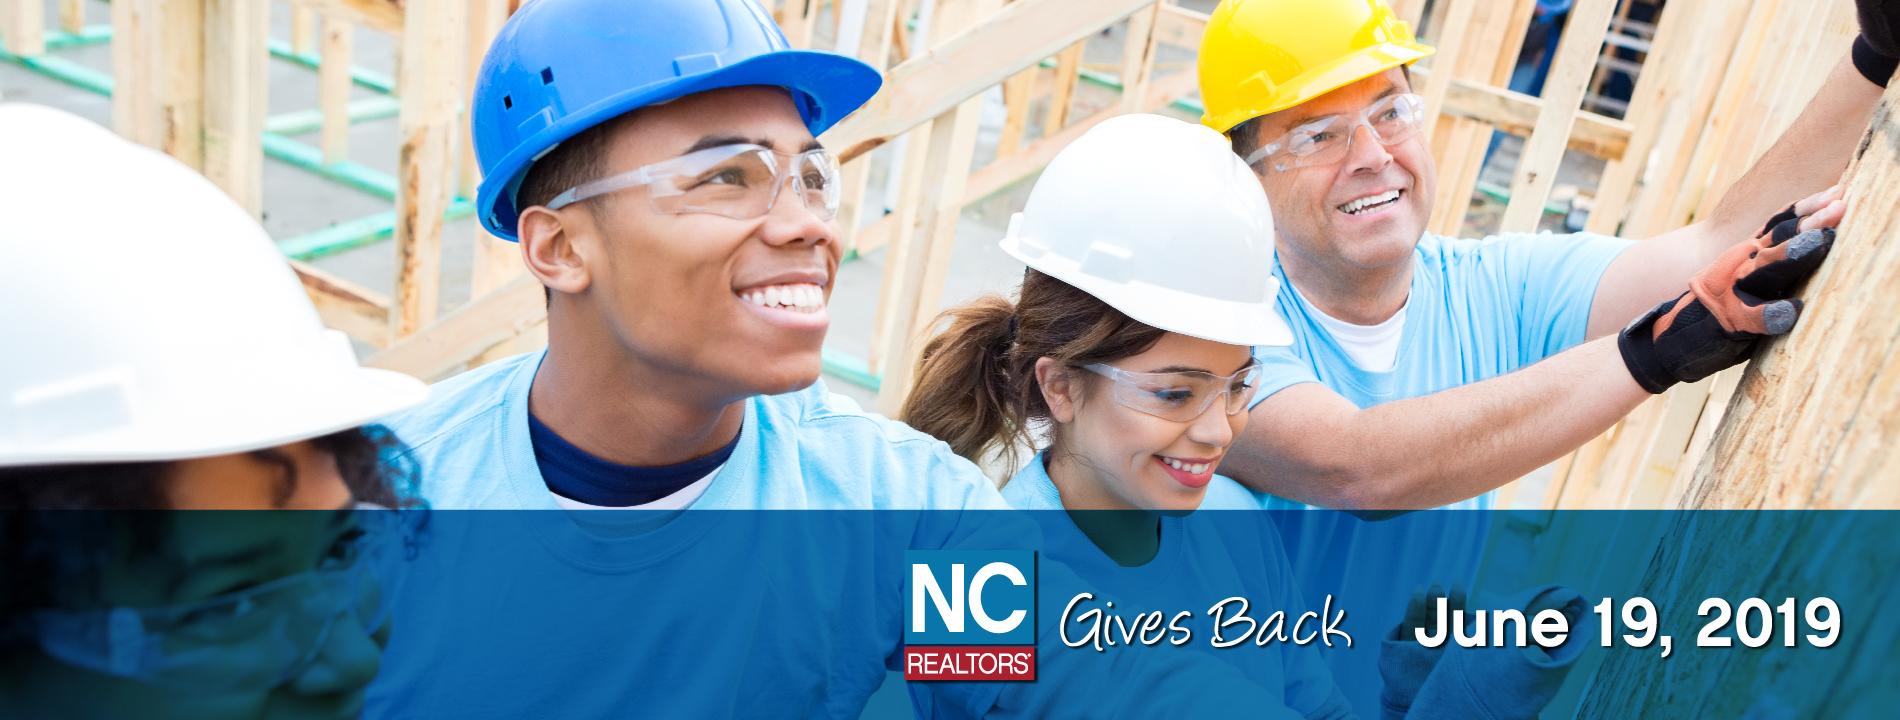 NC REALTORS® Gives Back Day